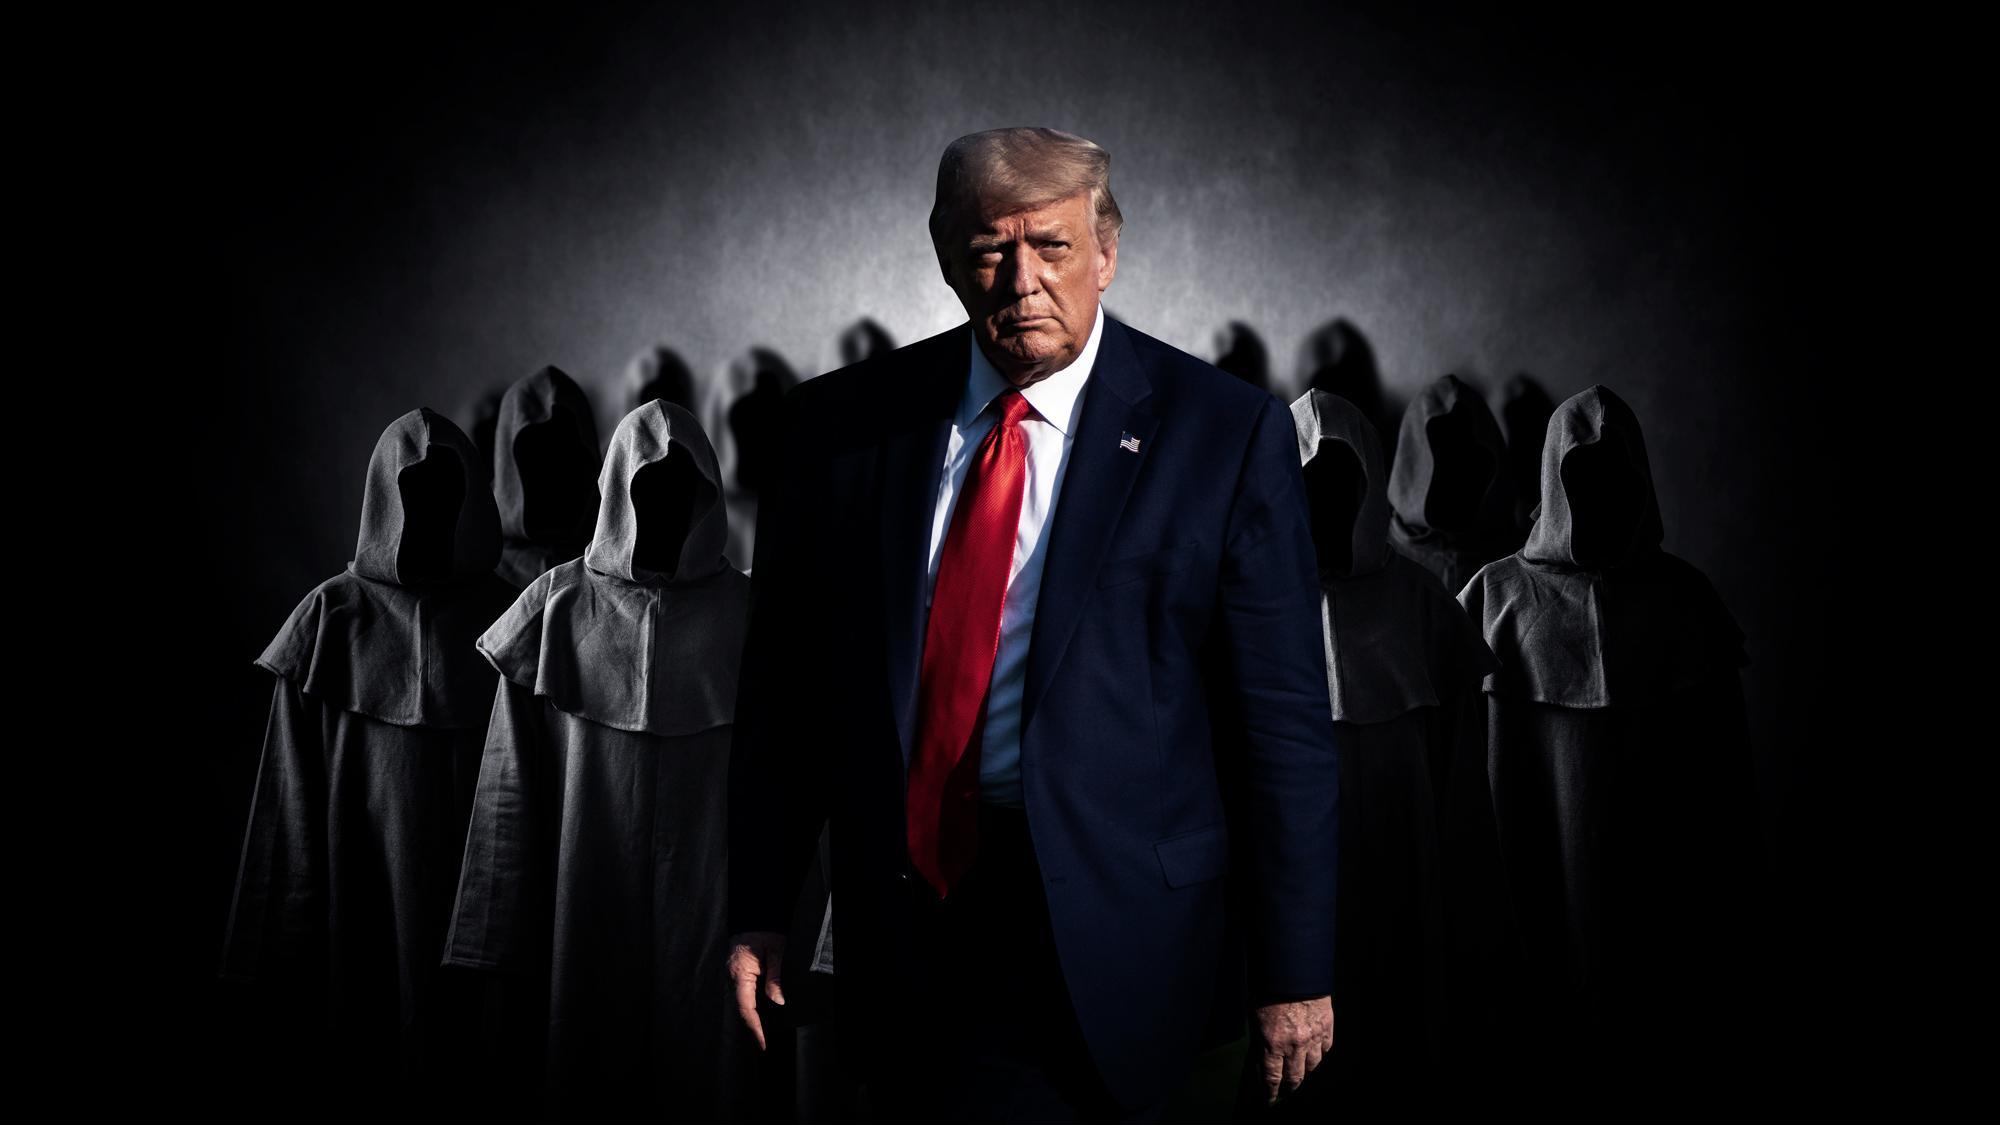 Охота на педофилов и дети в подземельях. Трампа подозревают в войне против